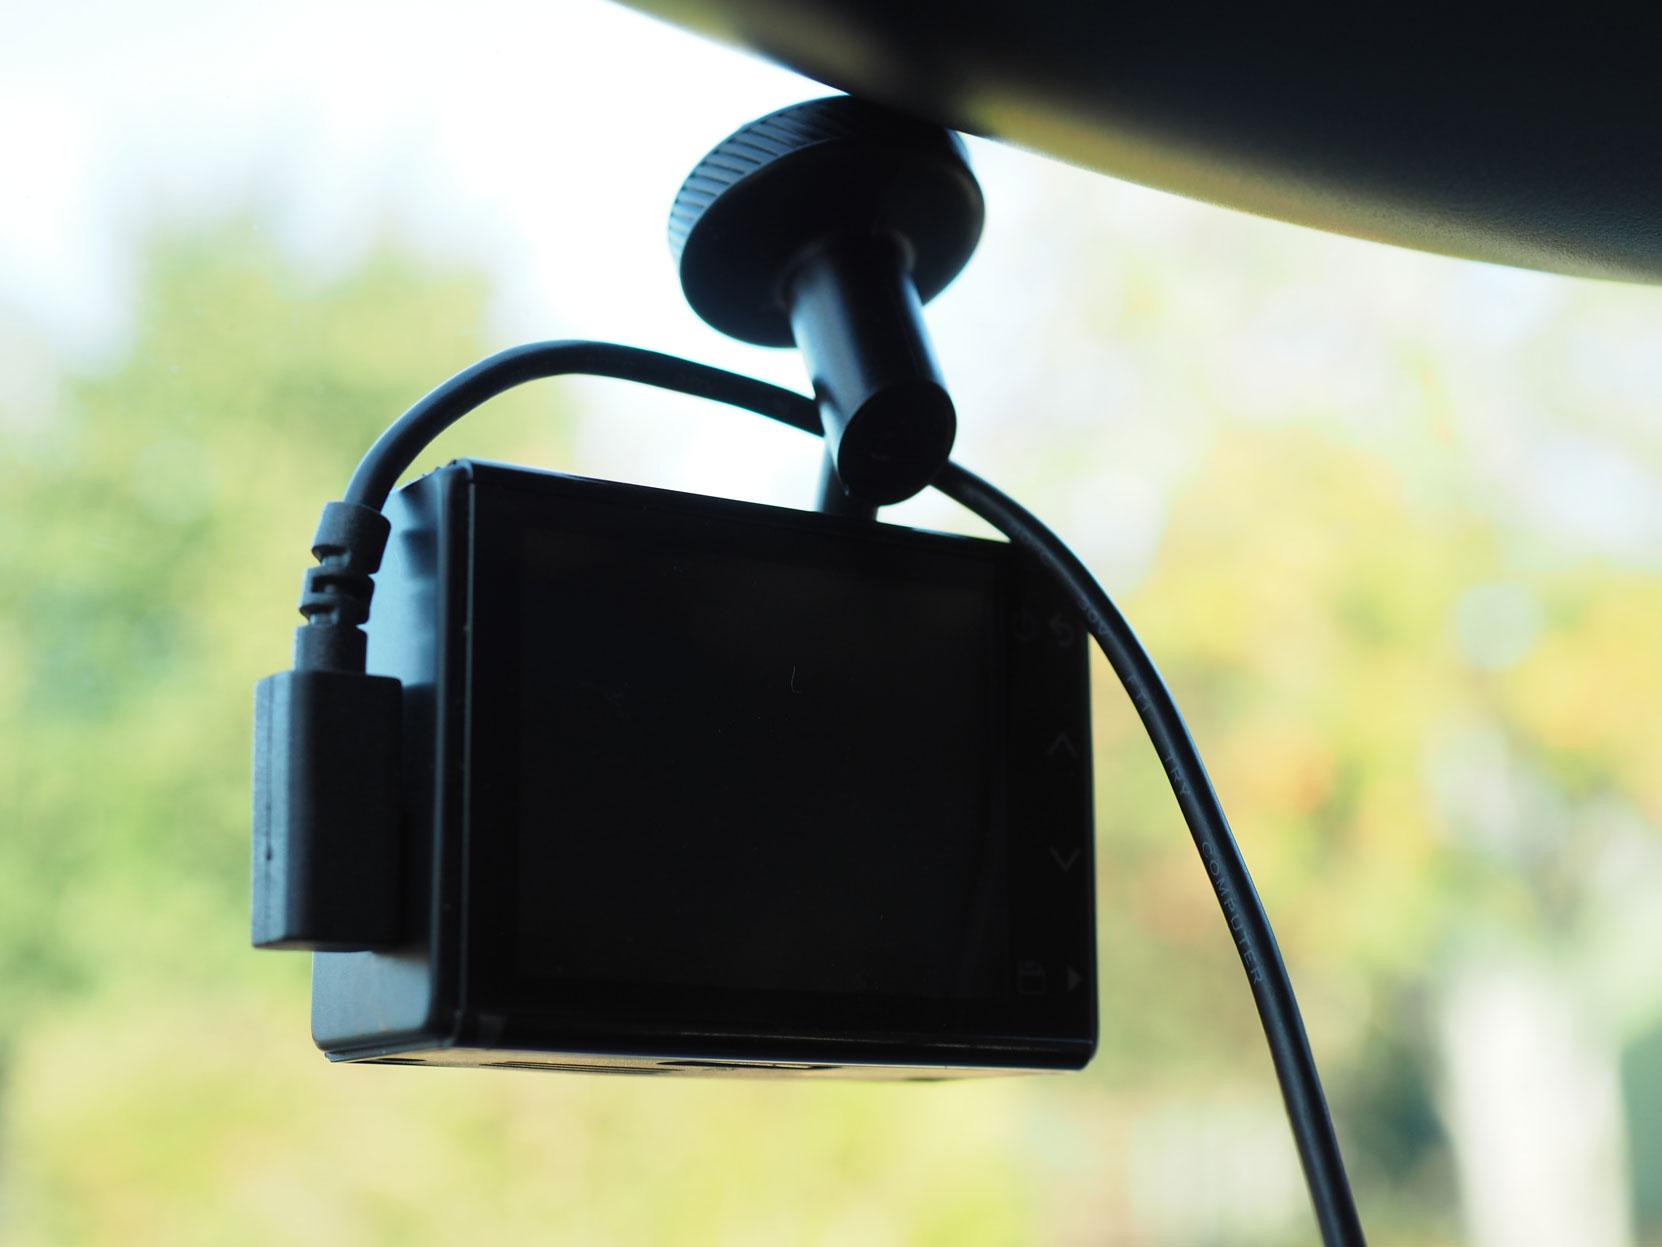 West Coast Driver Training uses Garmin 56 dash cams (photo: West Coast Driver Training)